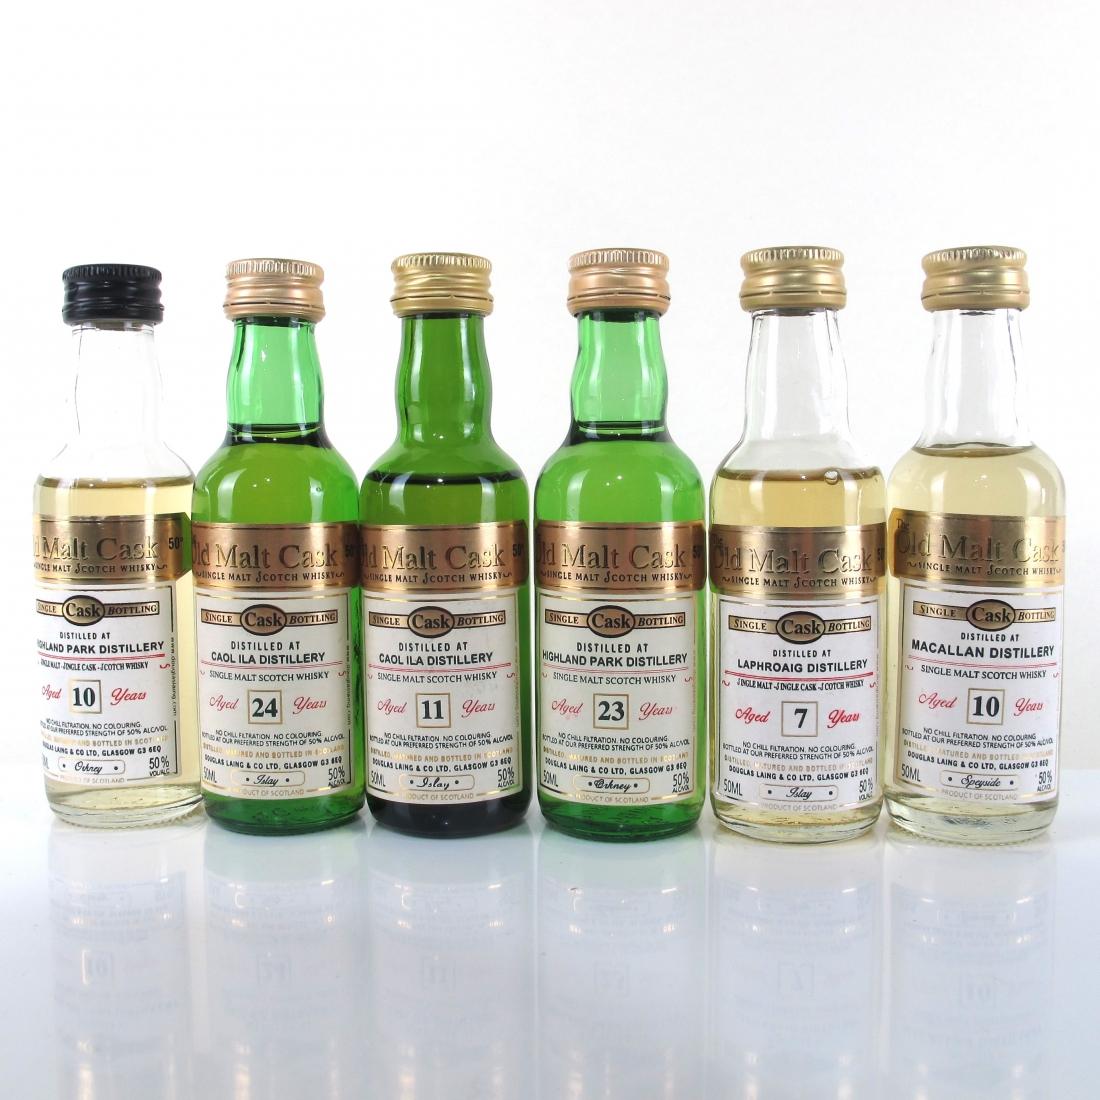 Douglas Laing Miniature Selection 6 x 5cl